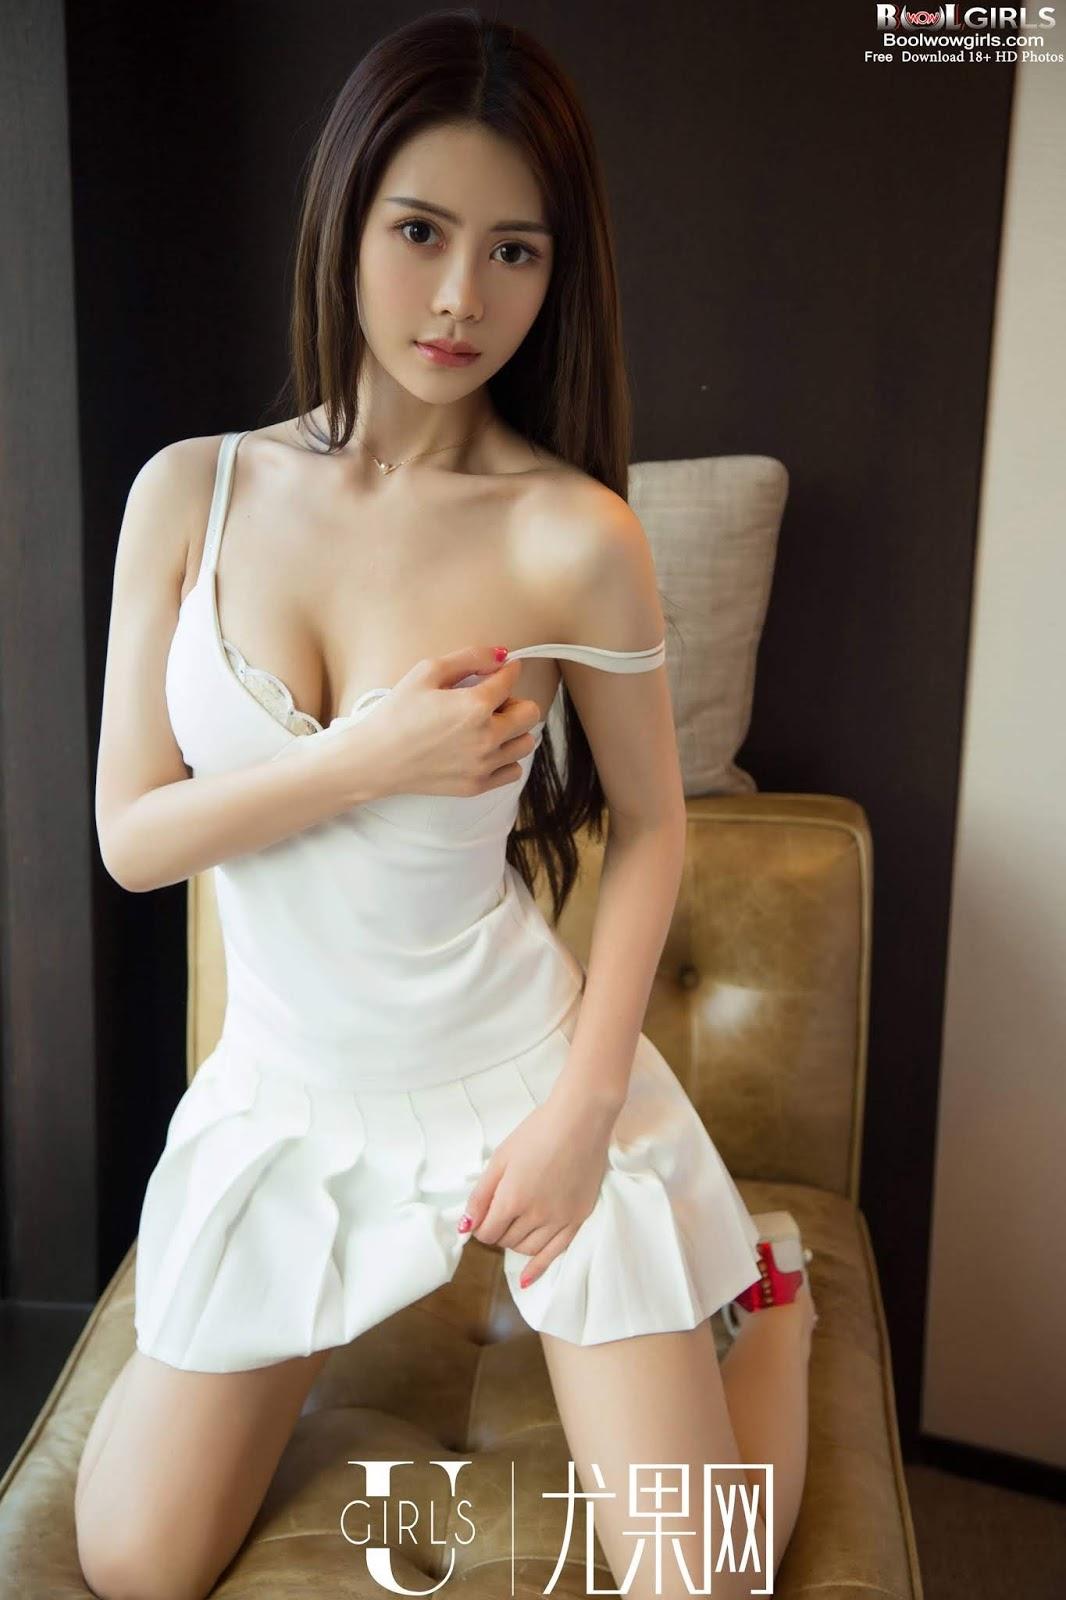 Sexy Asian Women Galleries